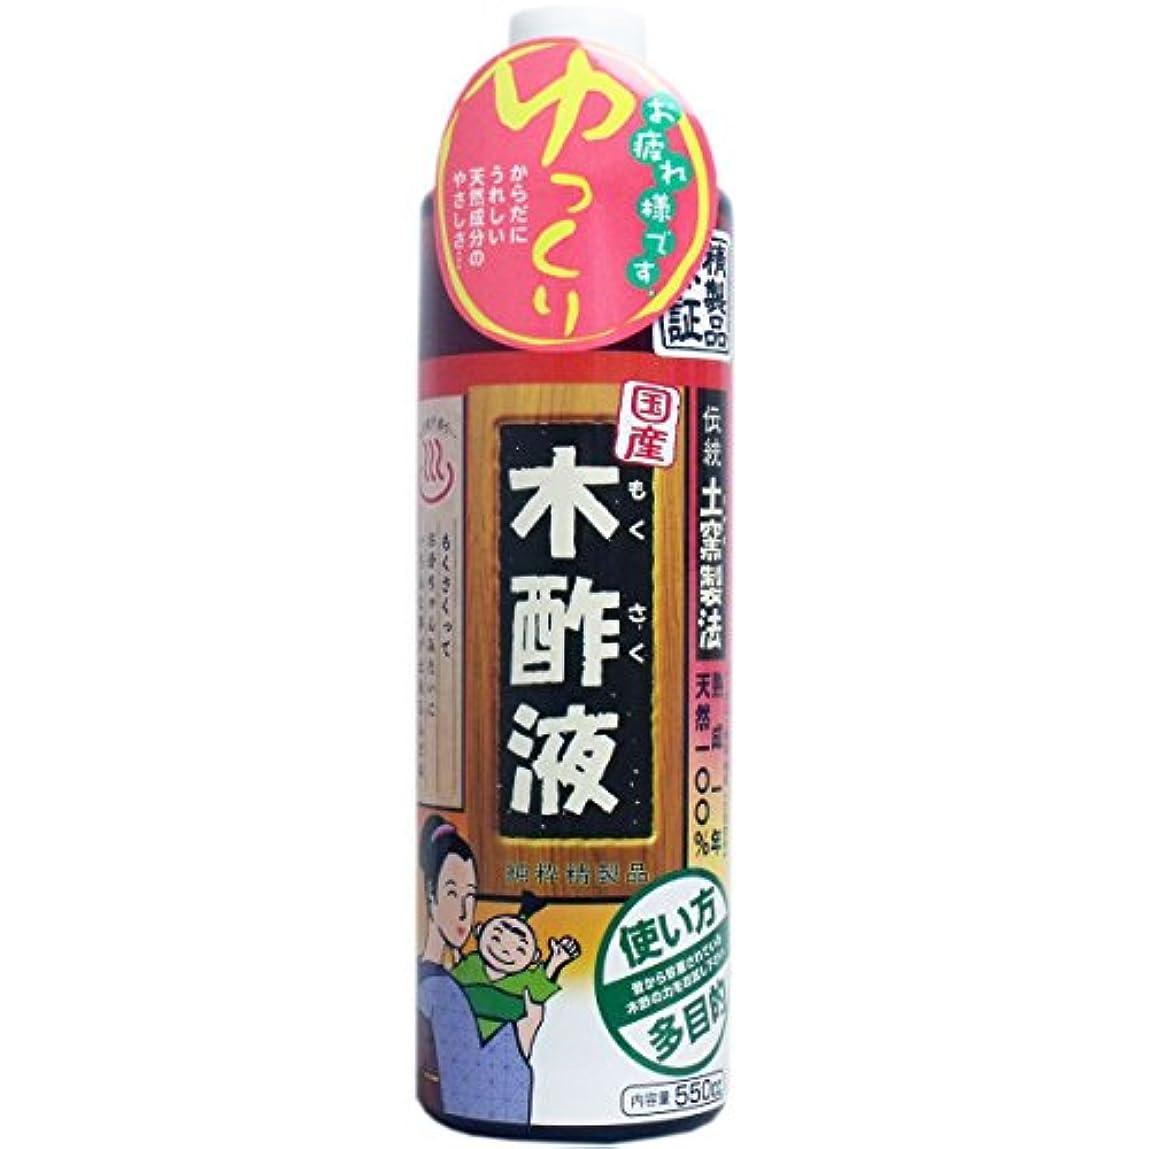 ペイントテーマ従順な木酢液 550ml 5セット